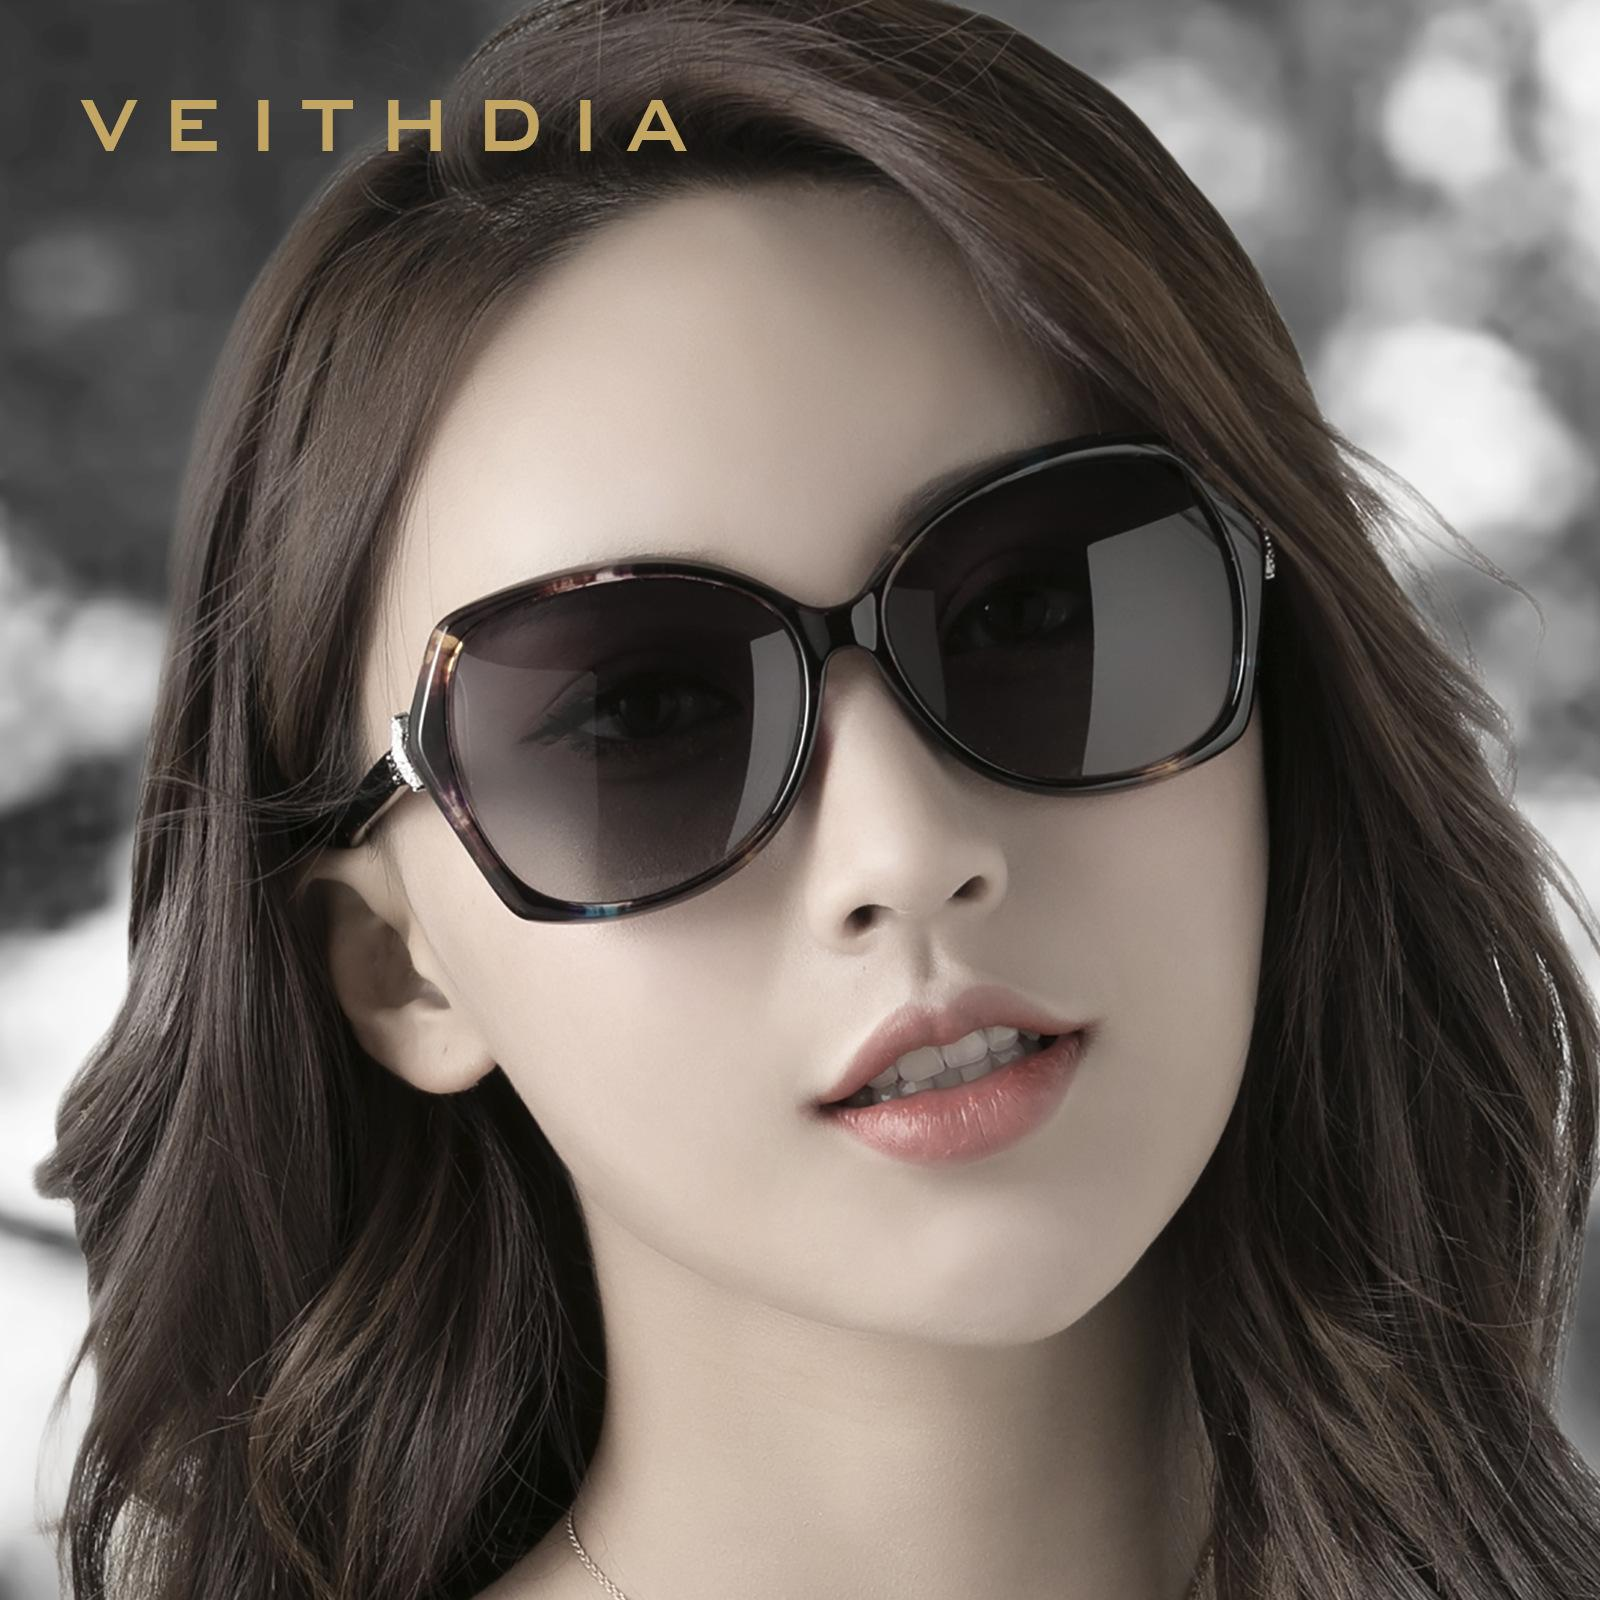 Veithdia 2019 Moda Tilki Elmas Lüks Boy Güneş Kadınlar Için Zarif ulculos De Sol Güneş Gözlükleri Shades Uv400 C19041201